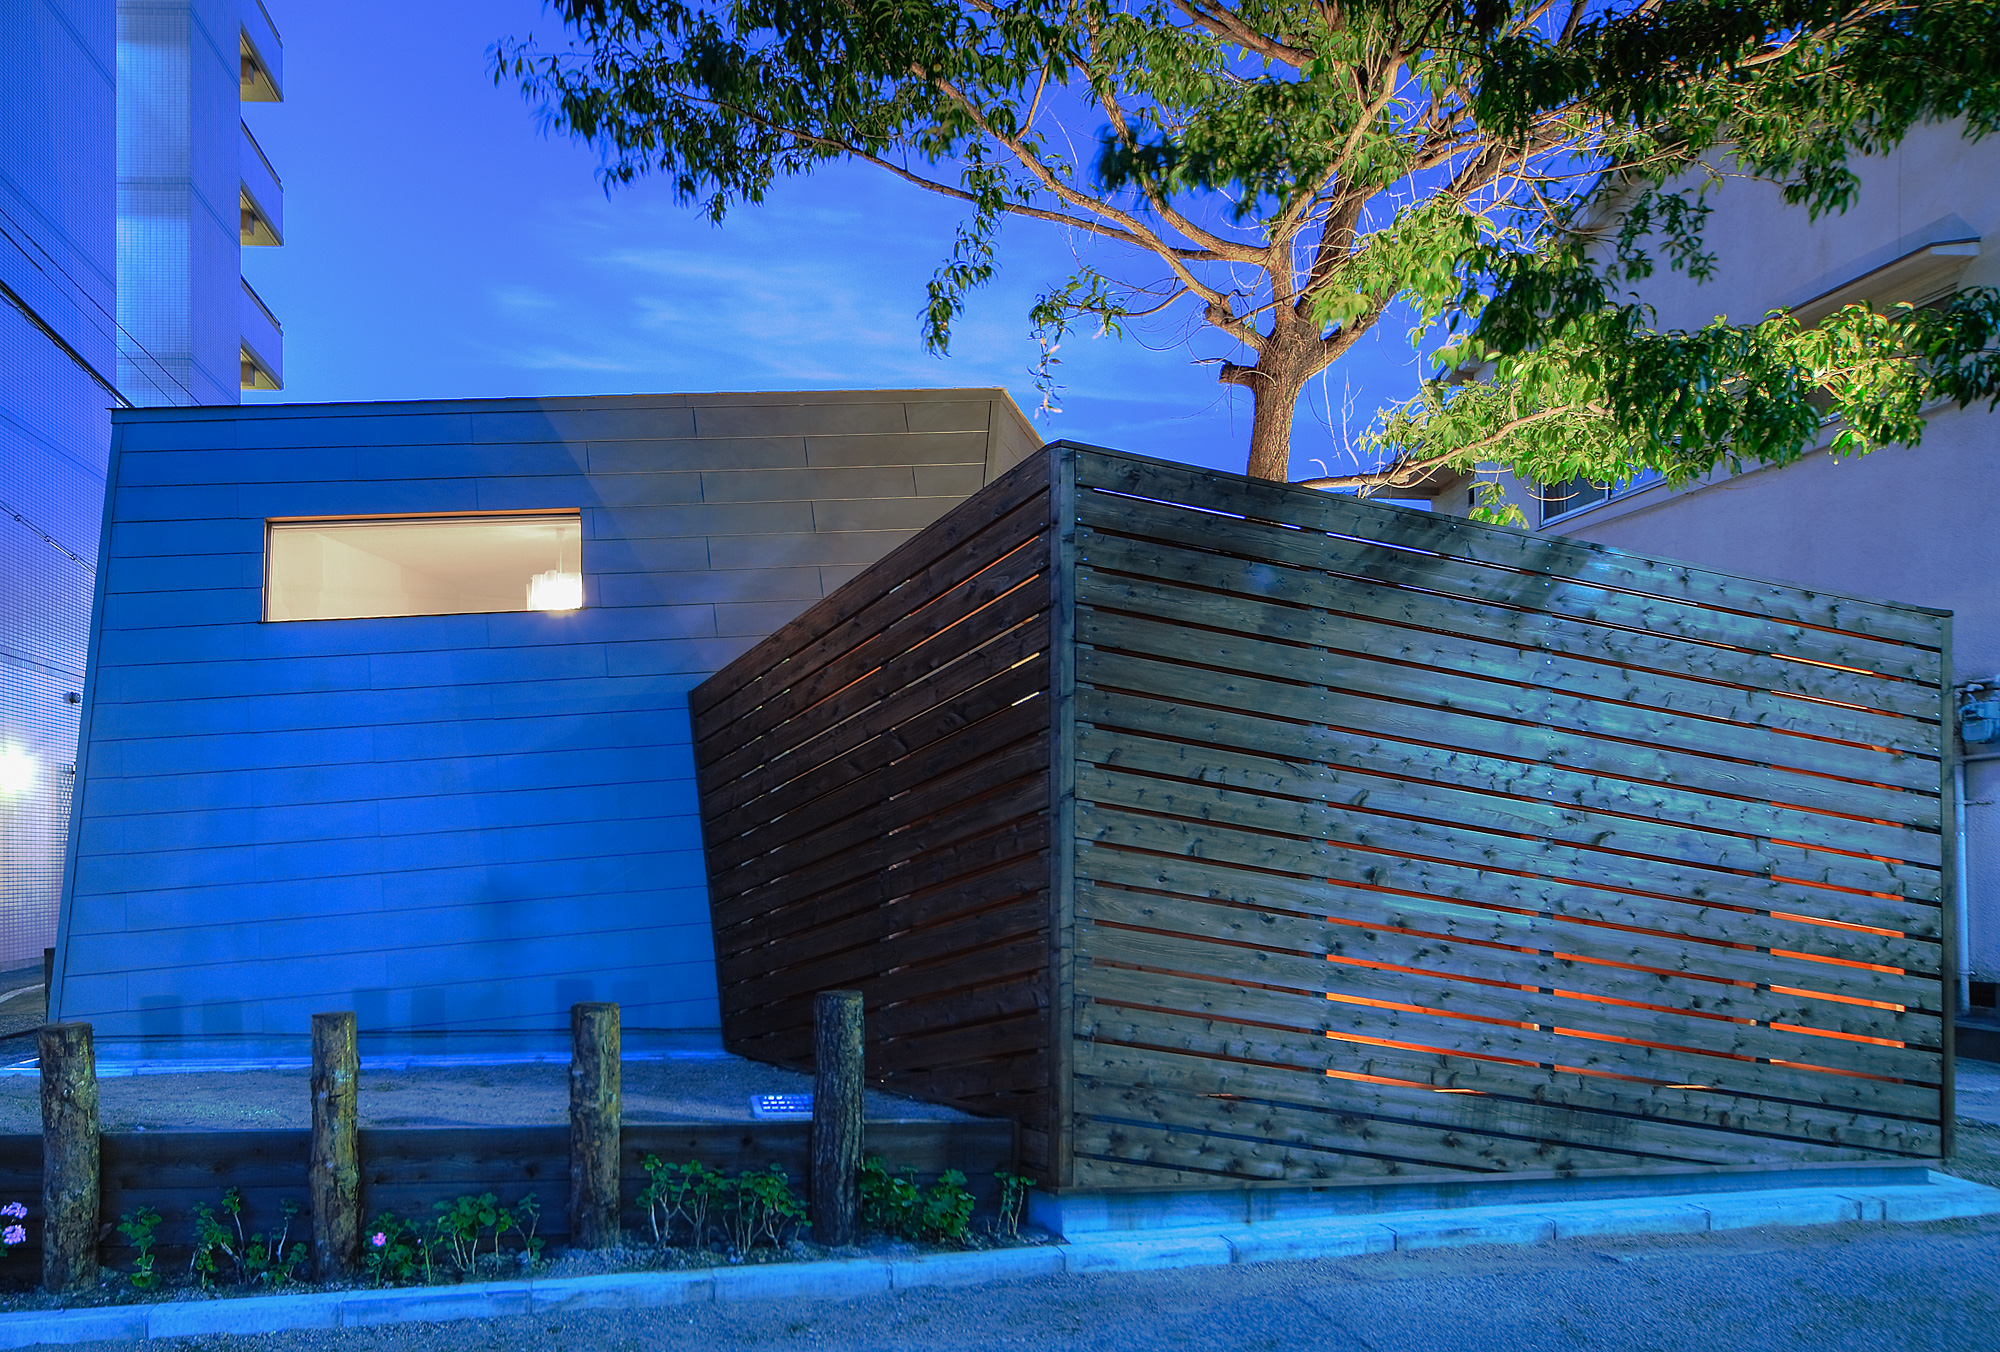 南面夕景: すまうら文庫と同じ歳、樹齢30年のクヌギと、新たな建物が互いを際立たせています